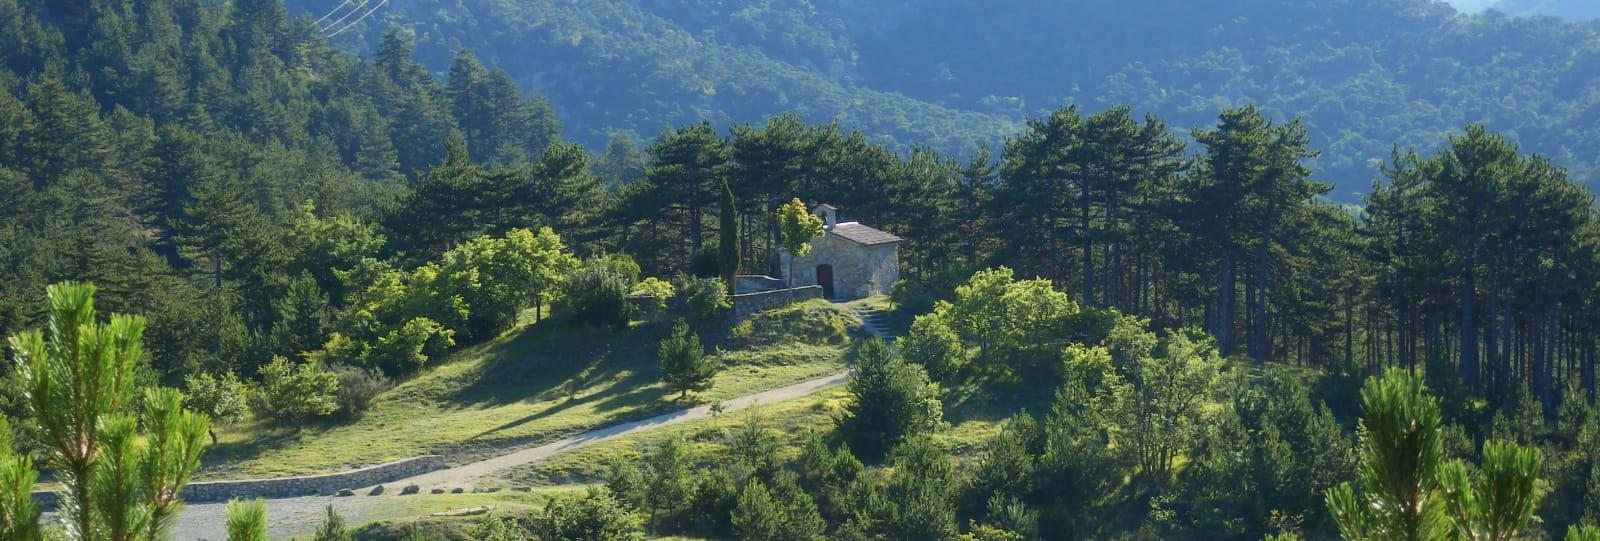 3 Col de Sauzet